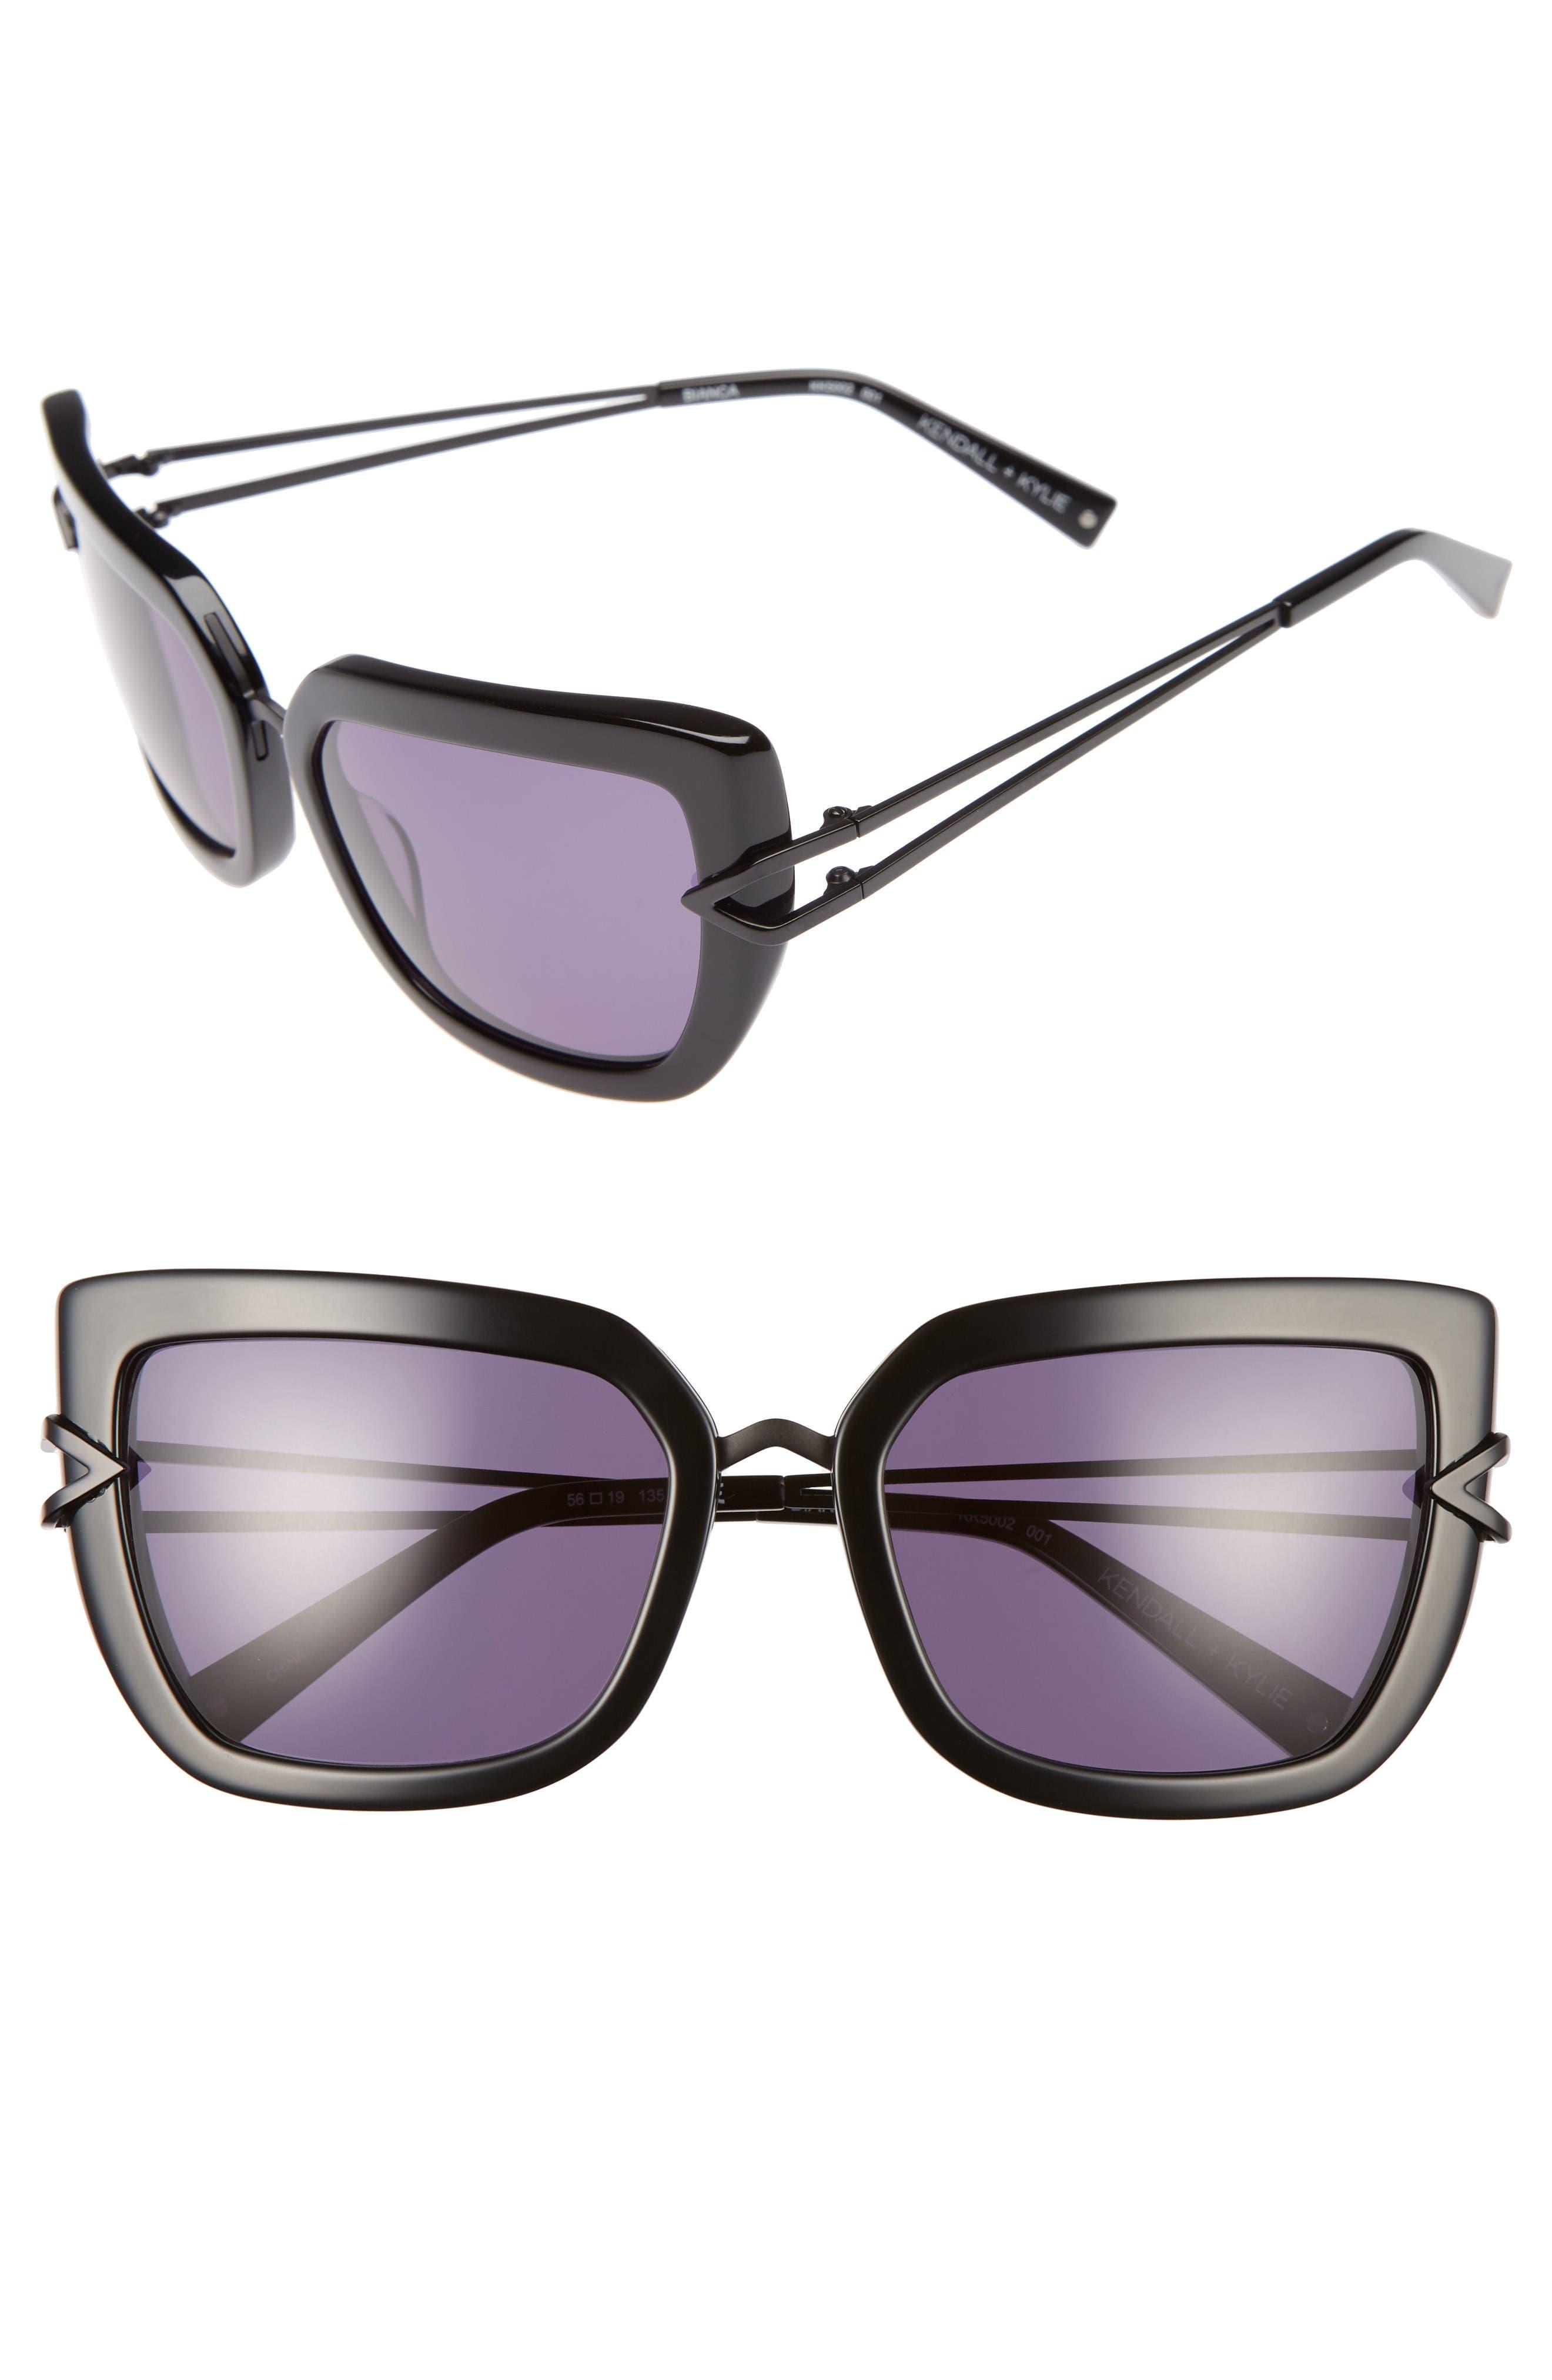 Bianca 56mm Cat Eye Sunglasses,                             Main thumbnail 1, color,                             Shiny Black/ Matte Satin Black